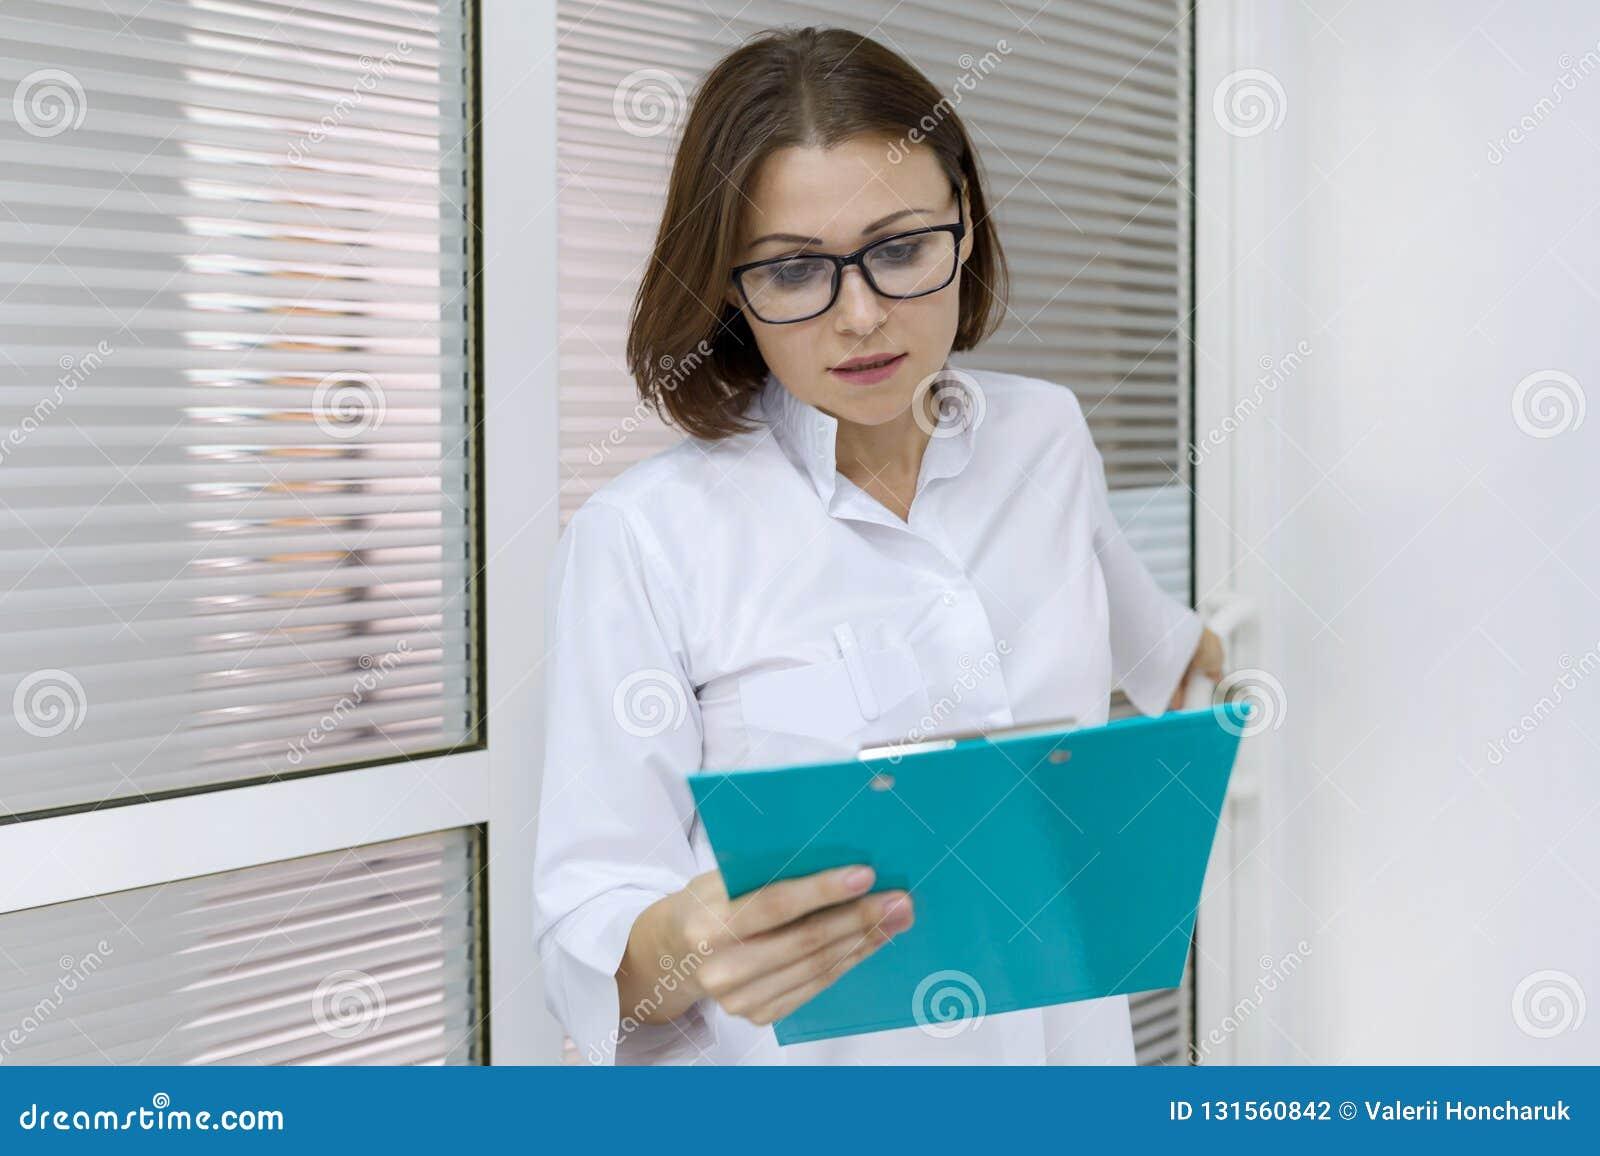 Porträt der erwachsenen weiblichen Krankenschwester, Frau mit dem Klemmbrett, arbeitend im Krankenhaus